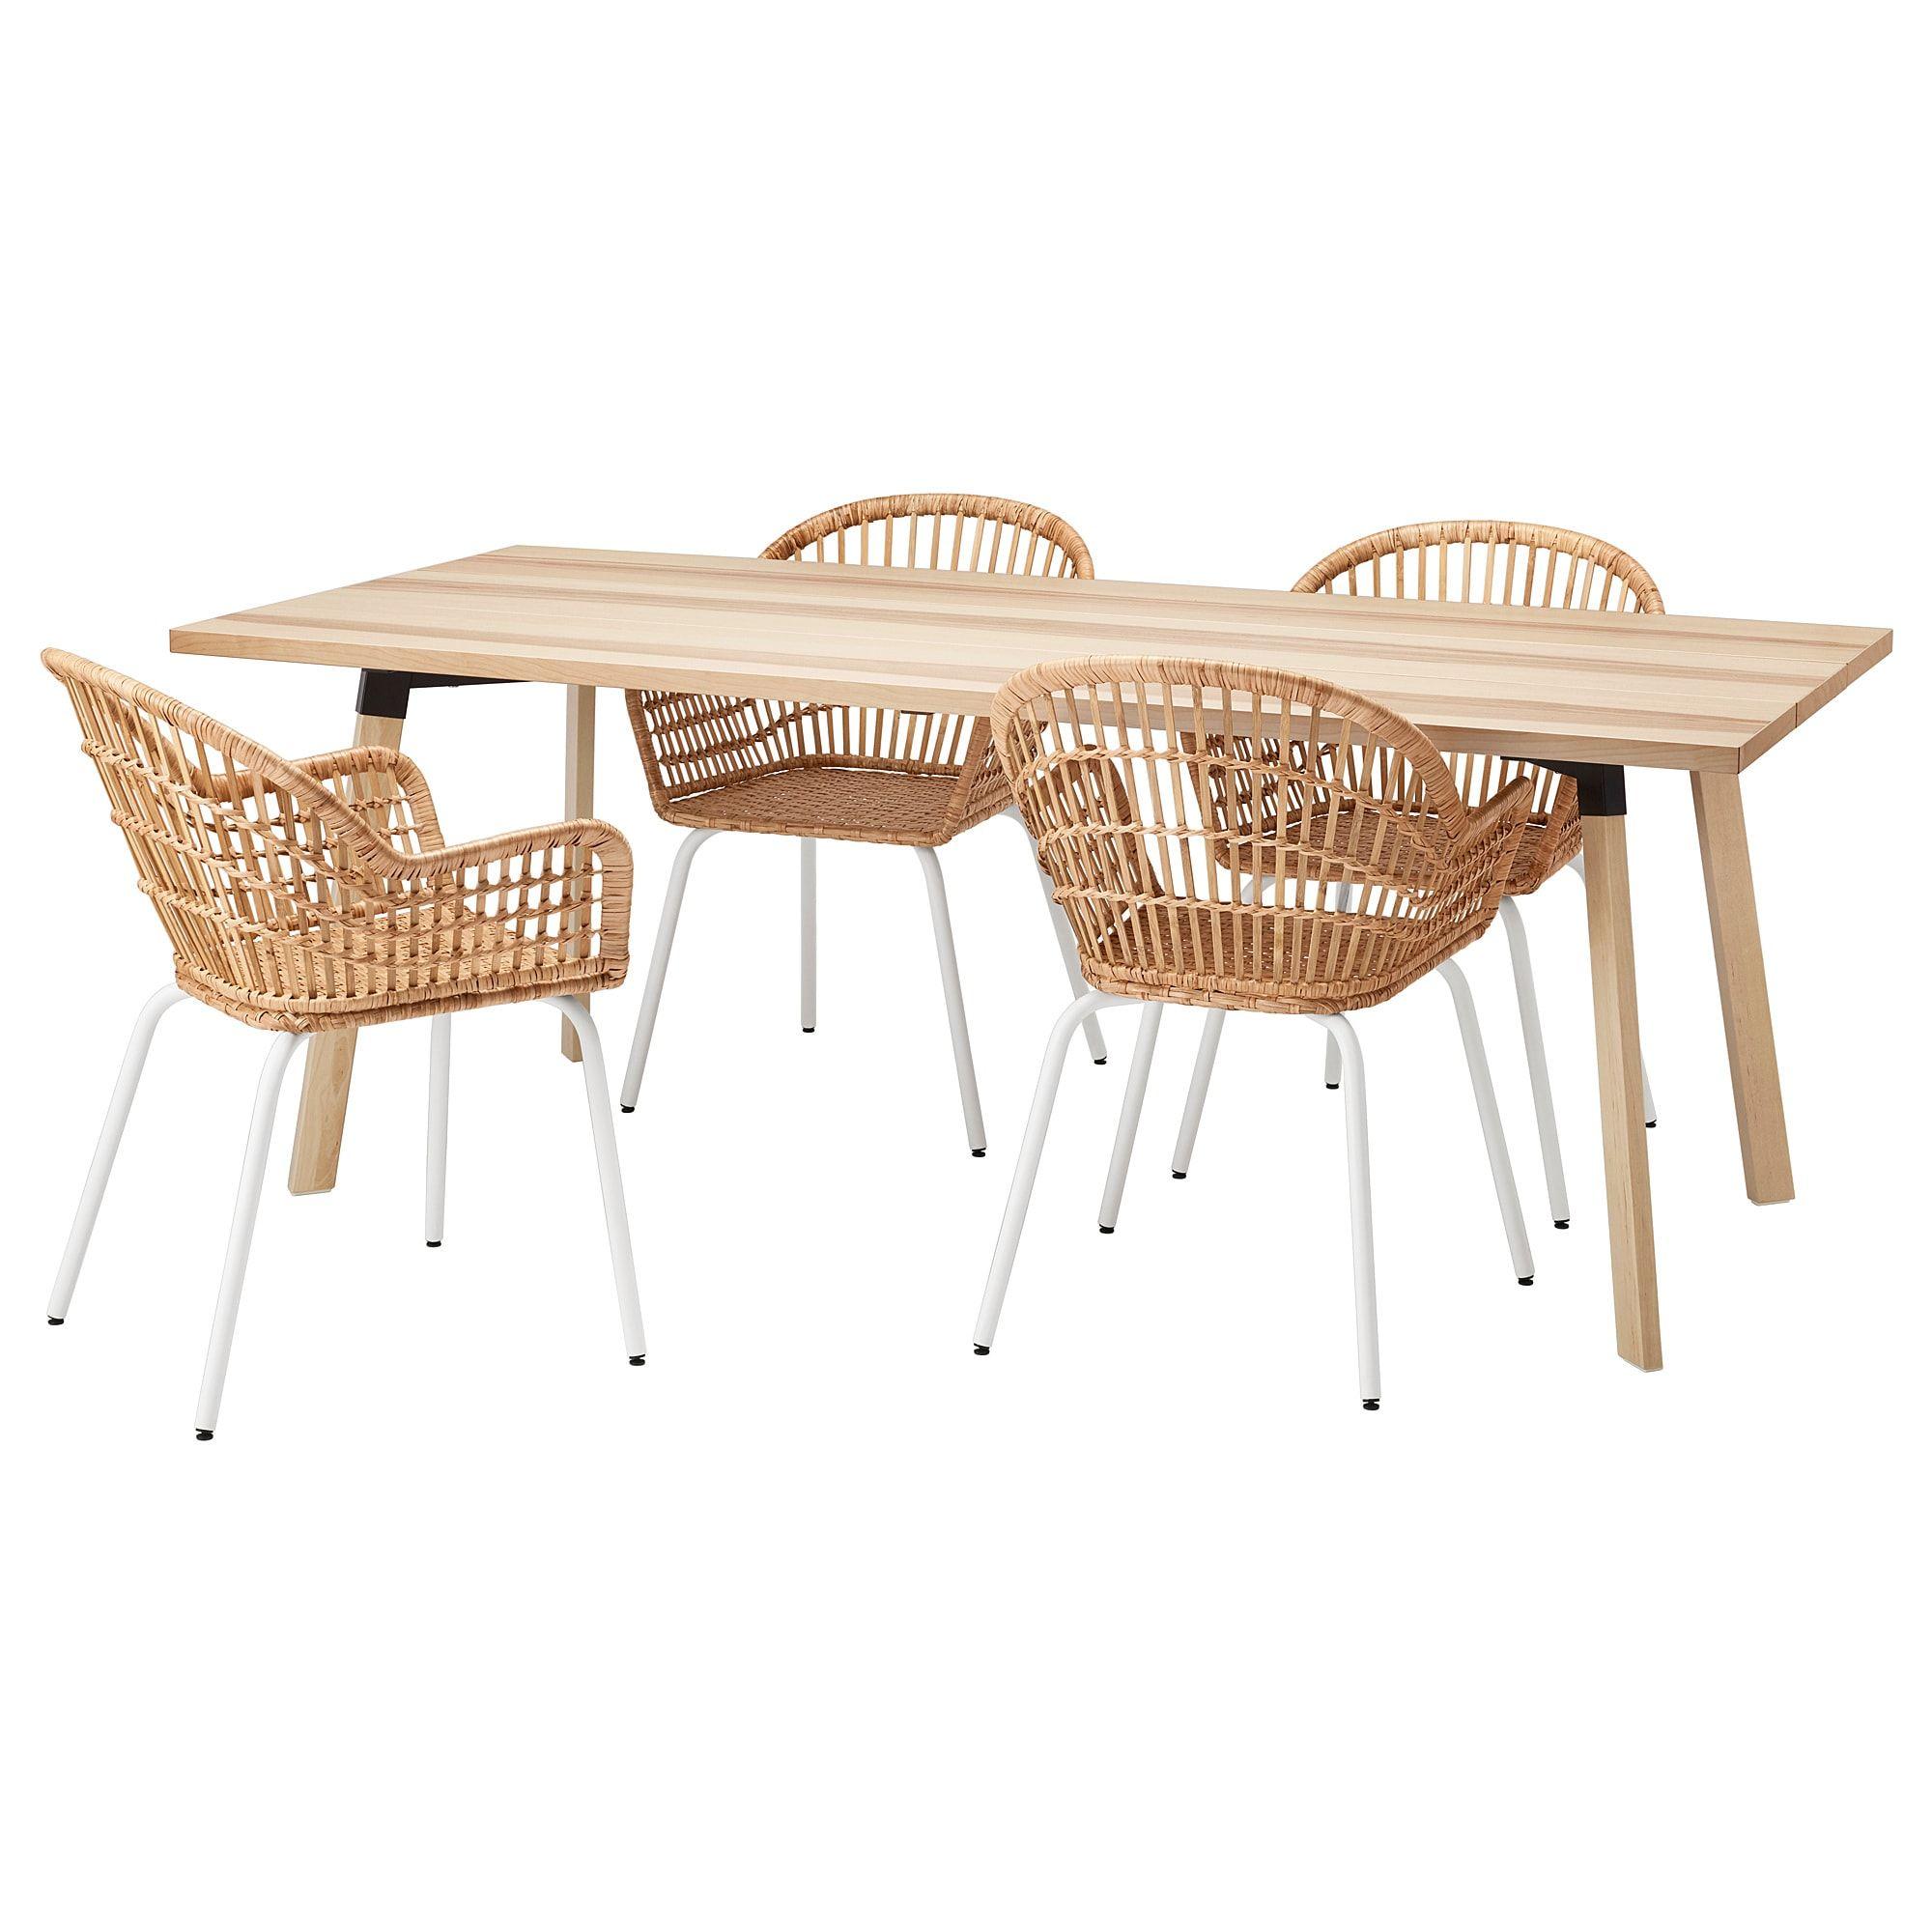 Ypperlig Nilsove Tisch Und 4 Stuhle Esche Rattan Weiss Ikea Osterreich Rattan Ikea Ypperlig Dining Room Sets